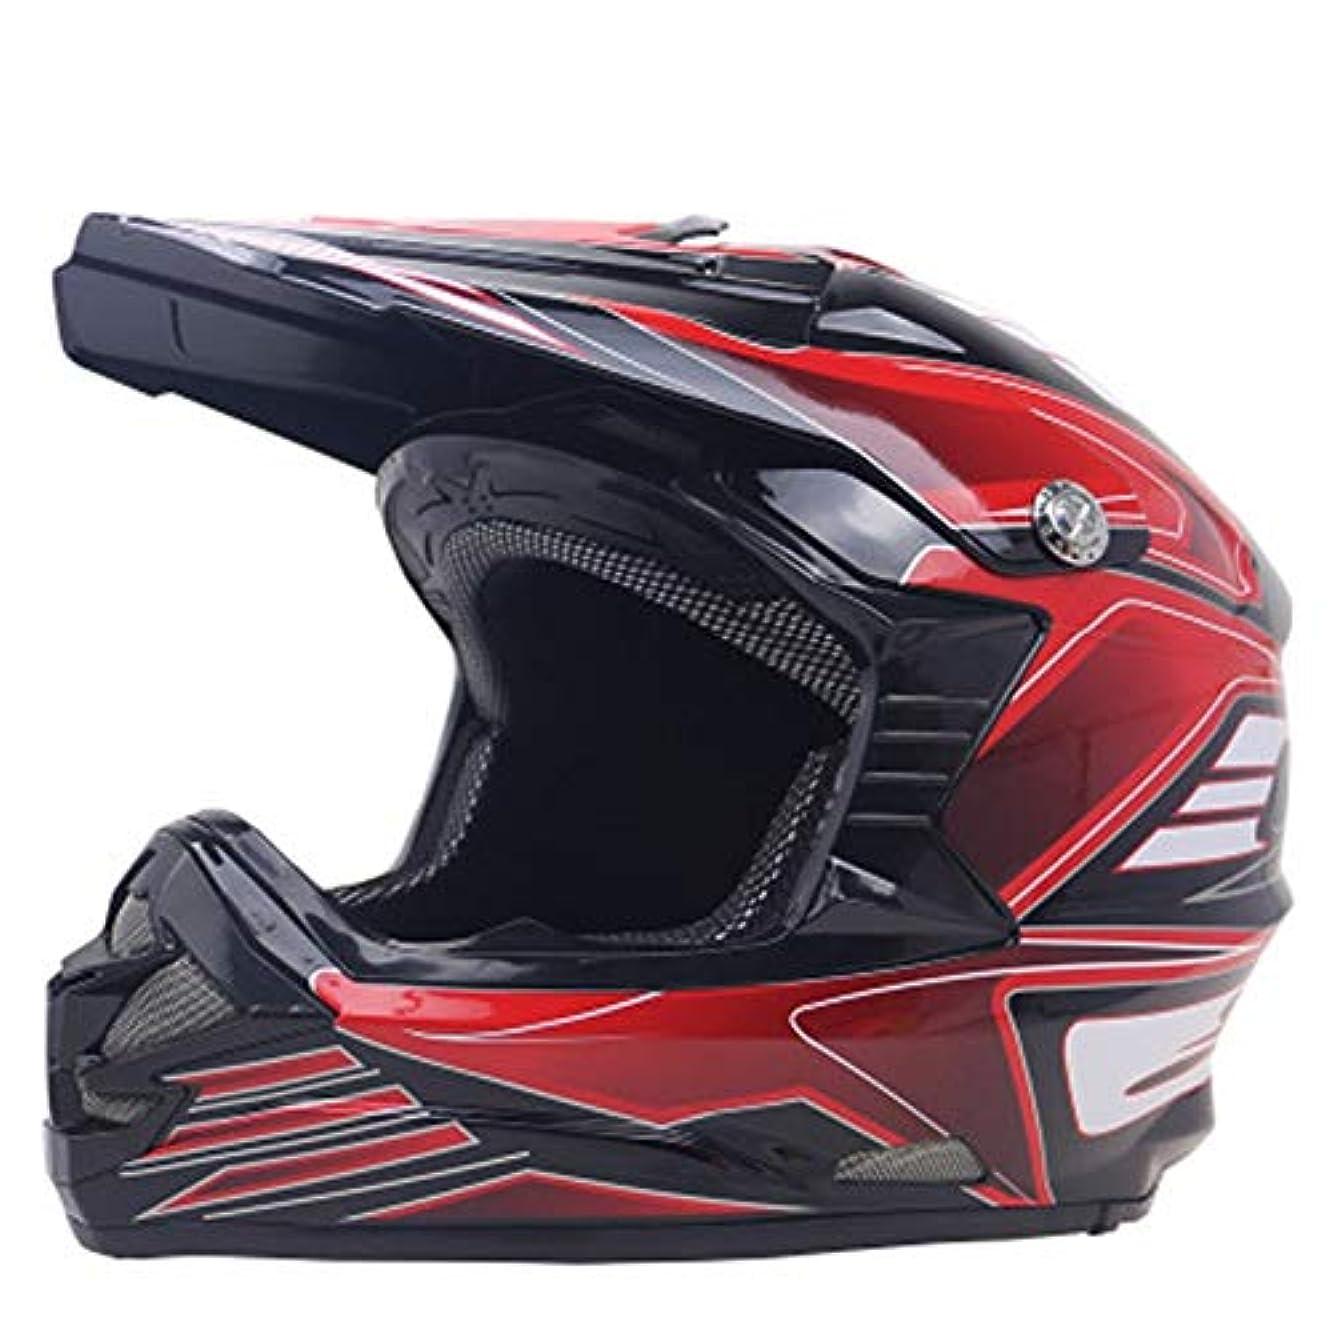 病弱にじみ出る高さHYH モトクロスヘルメットヘルメットメンズ小さなヘルメットボディポータブルオフロードフルフェイスヘルメットロードスポーツカーレースヘルメット乗馬の安全性 いい人生 (Size : L)